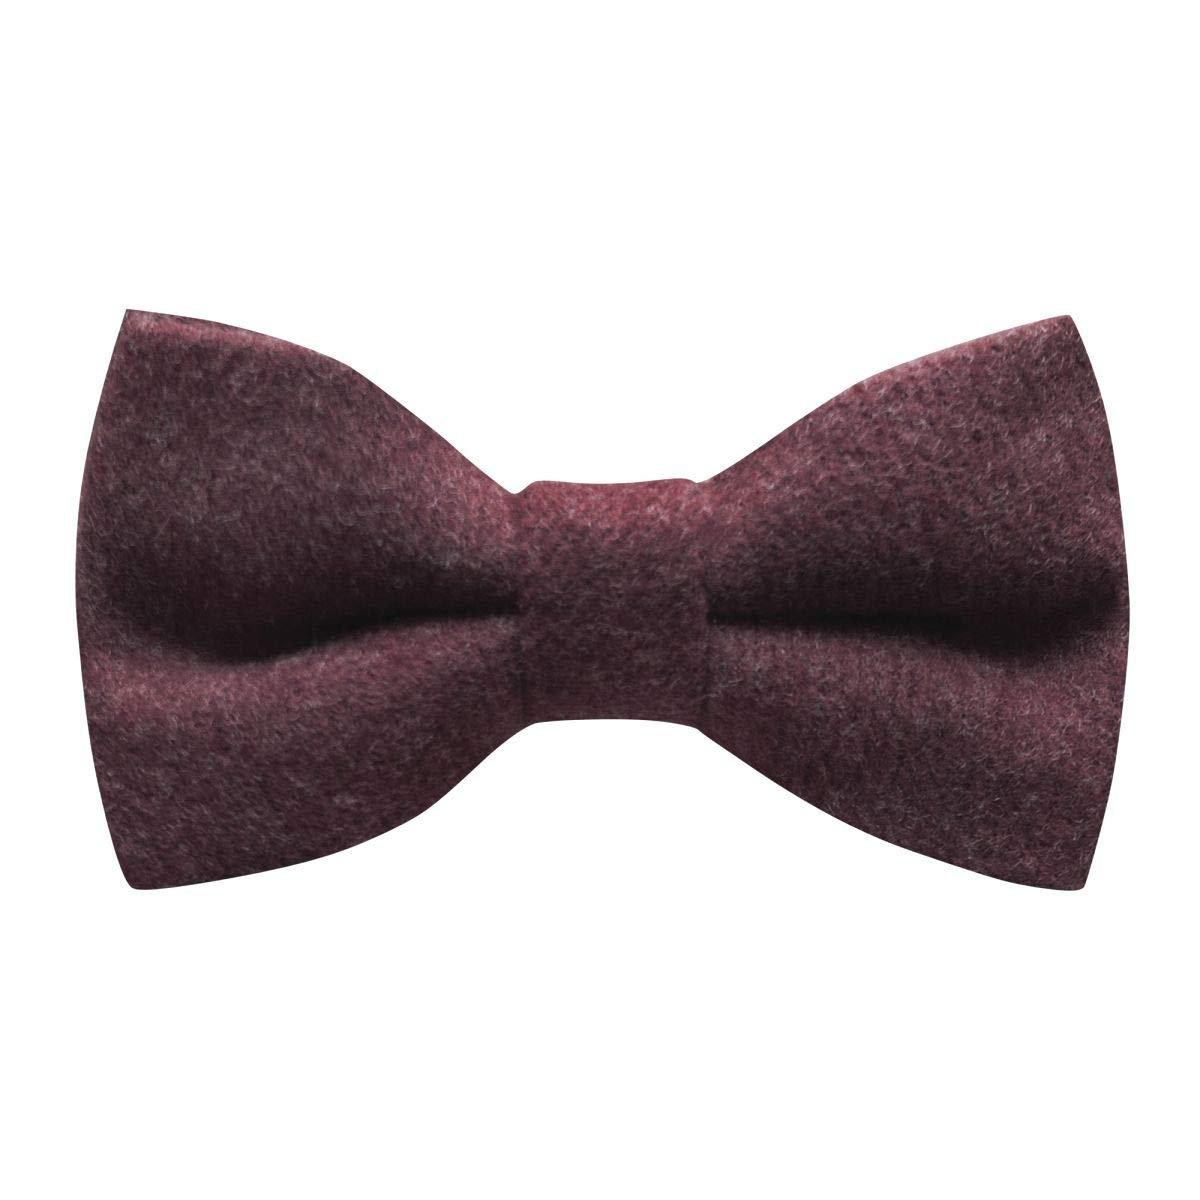 Tweed Luxury Burgundy Donegal Tweed Bow Tie